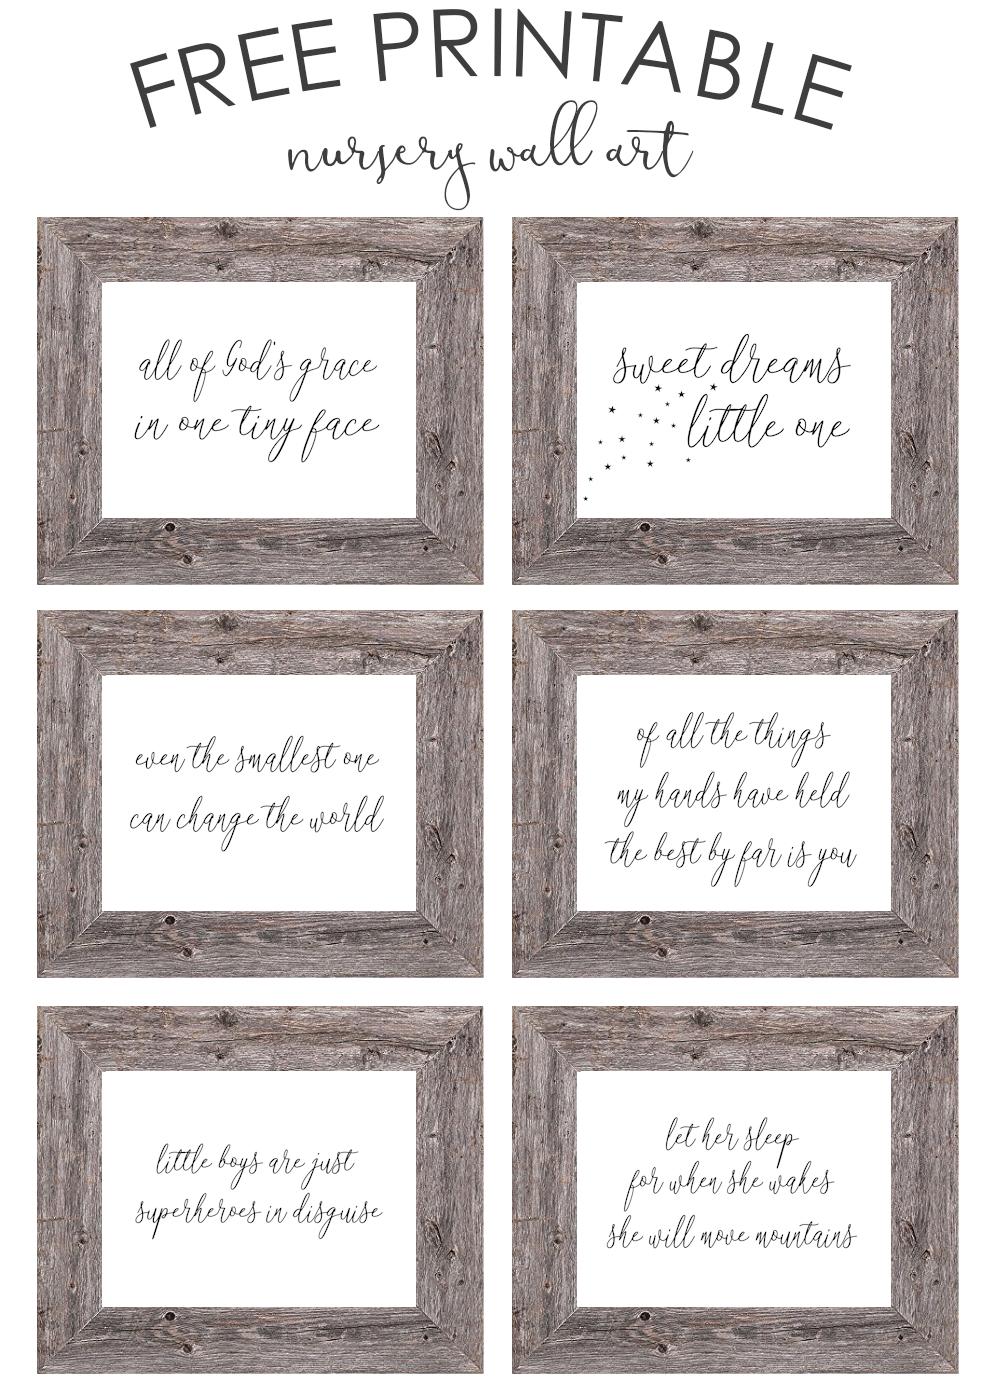 Free Printable Nursery Wall Art - The Girl Creative - Free Printable Wall Art For Bathroom